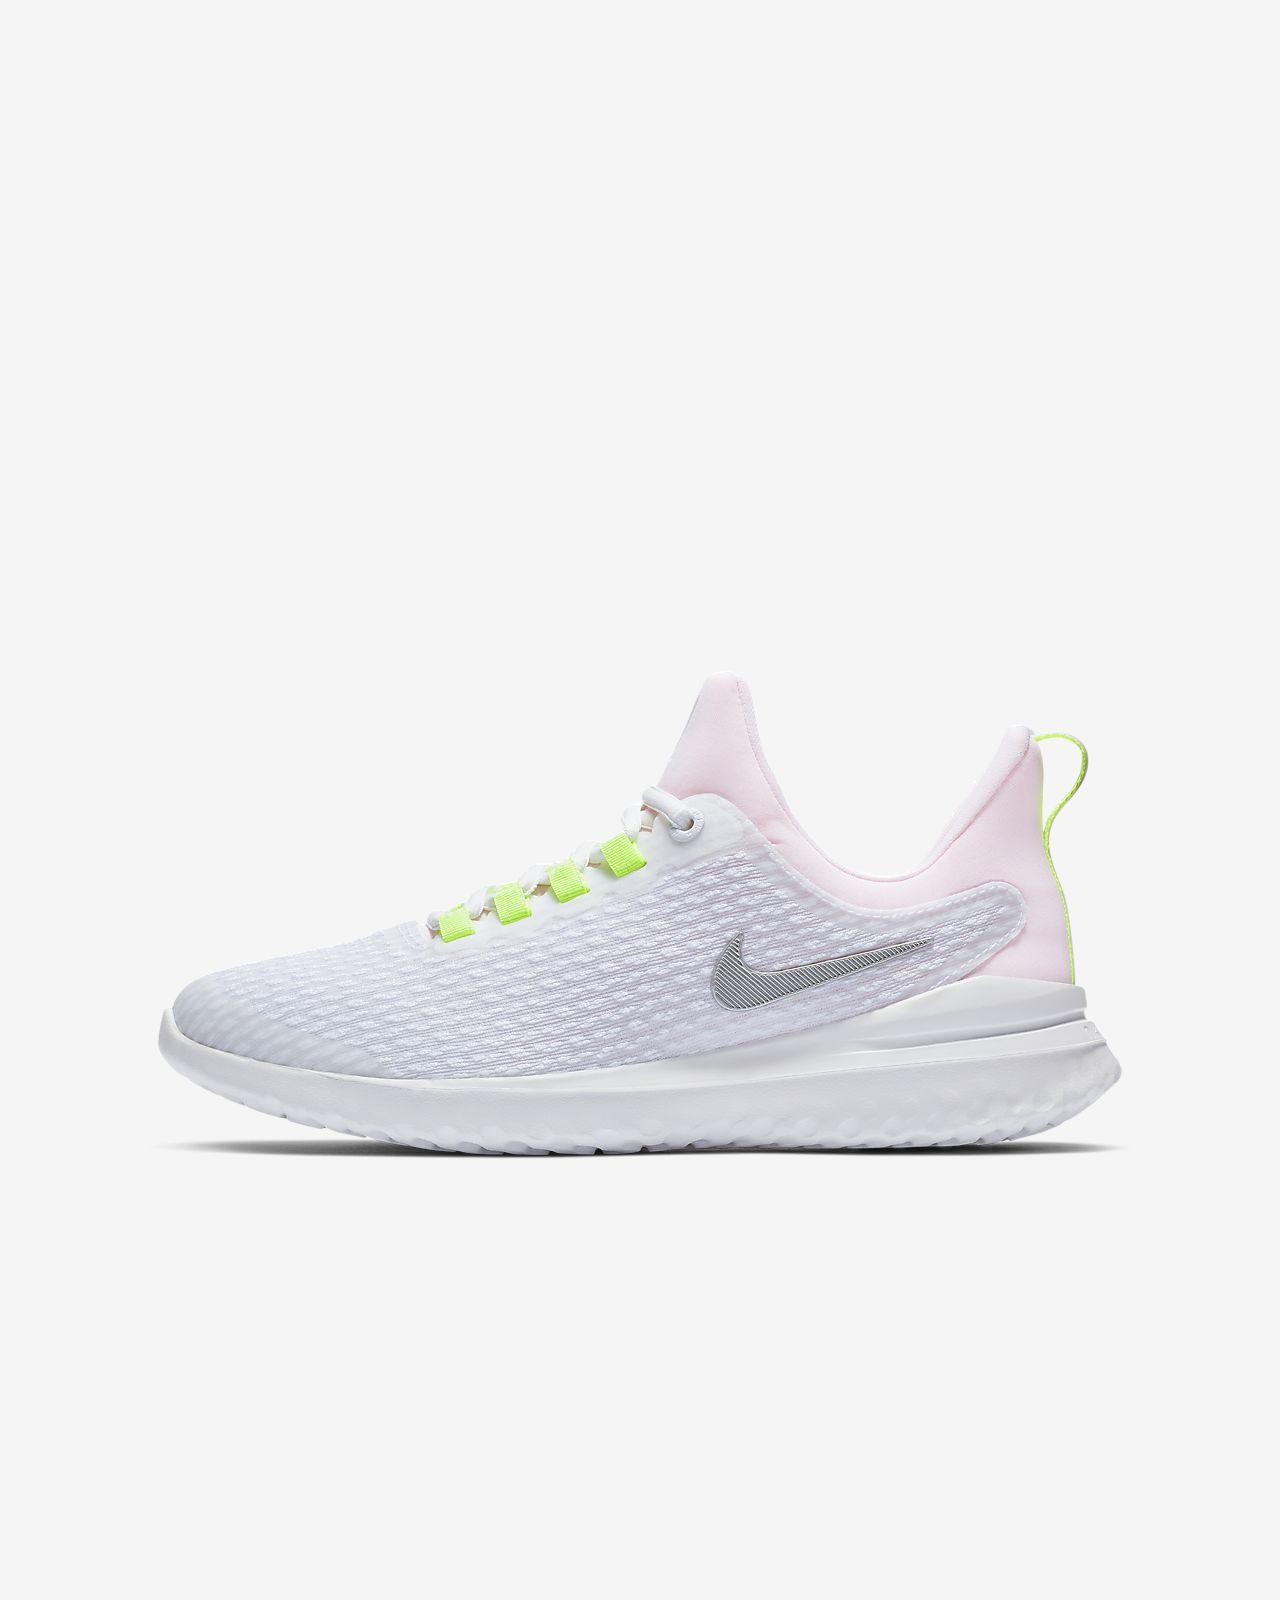 Chaussure de running Nike Renew Rival pour Enfant plus âgé